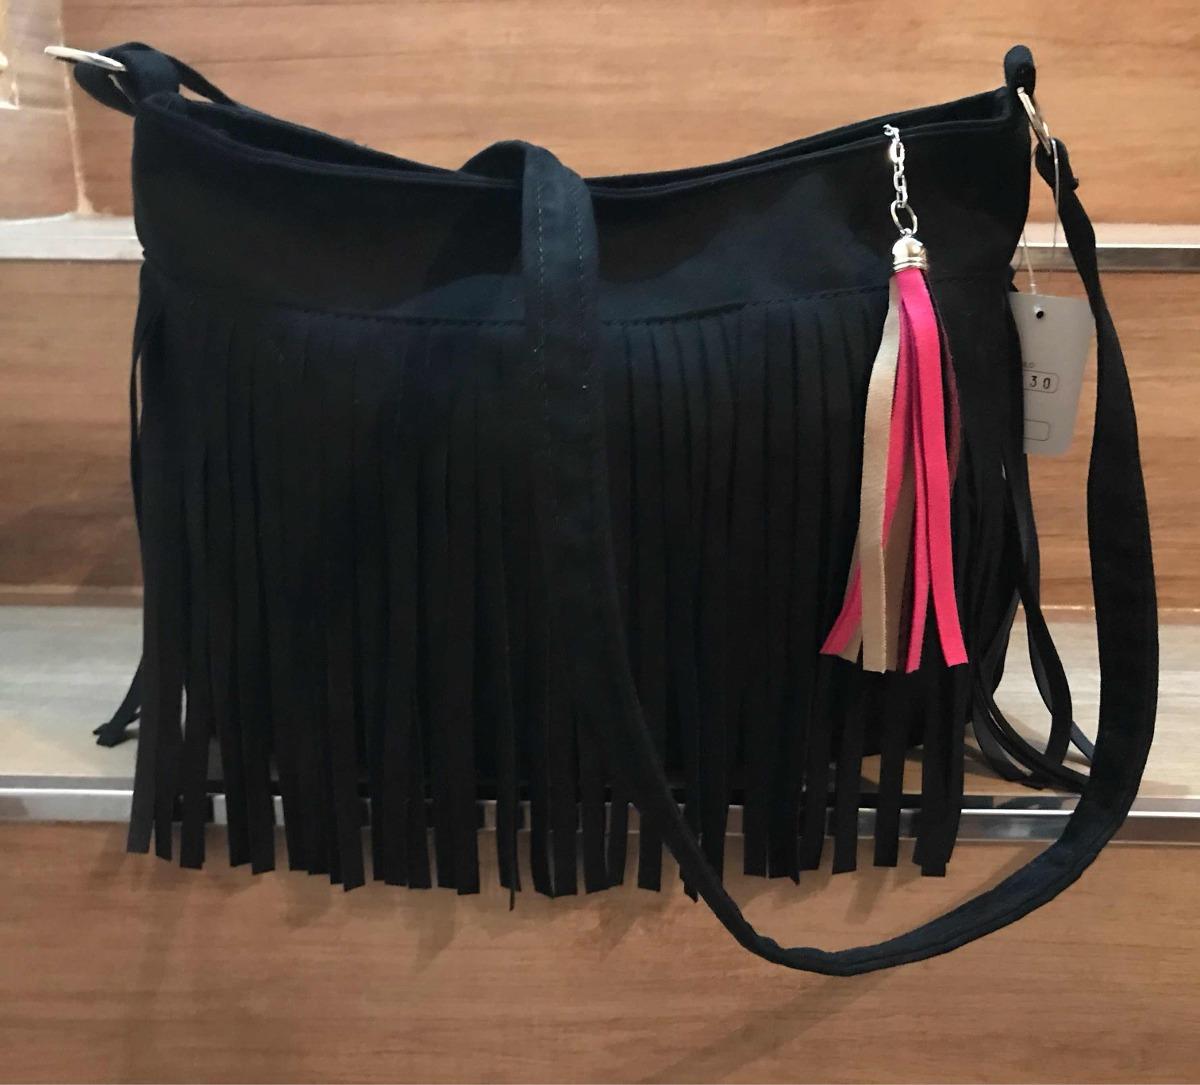 9272142f1 cartera morral bolso bandolera negra bordo rosa azul marron. Cargando zoom.